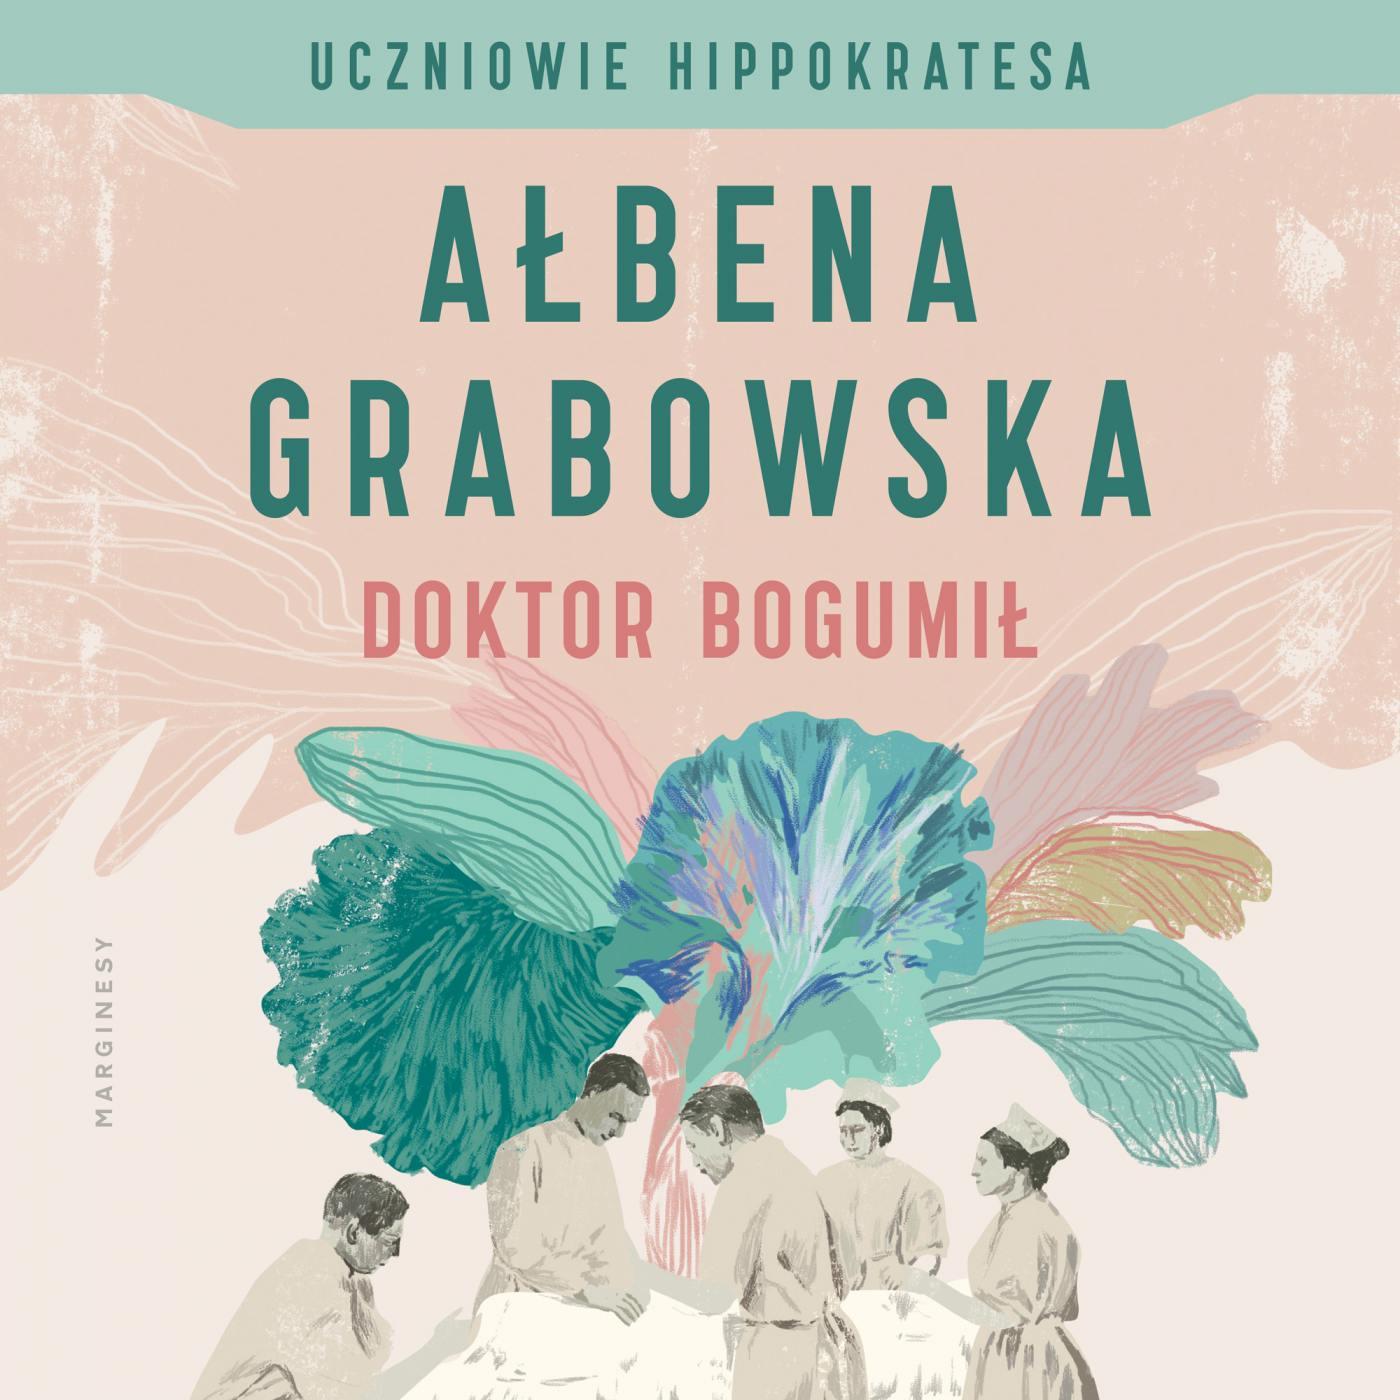 Uczniowie Hippokratesa. Doktor Bogumił - Audiobook (Książka audio MP3) do pobrania w całości w archiwum ZIP